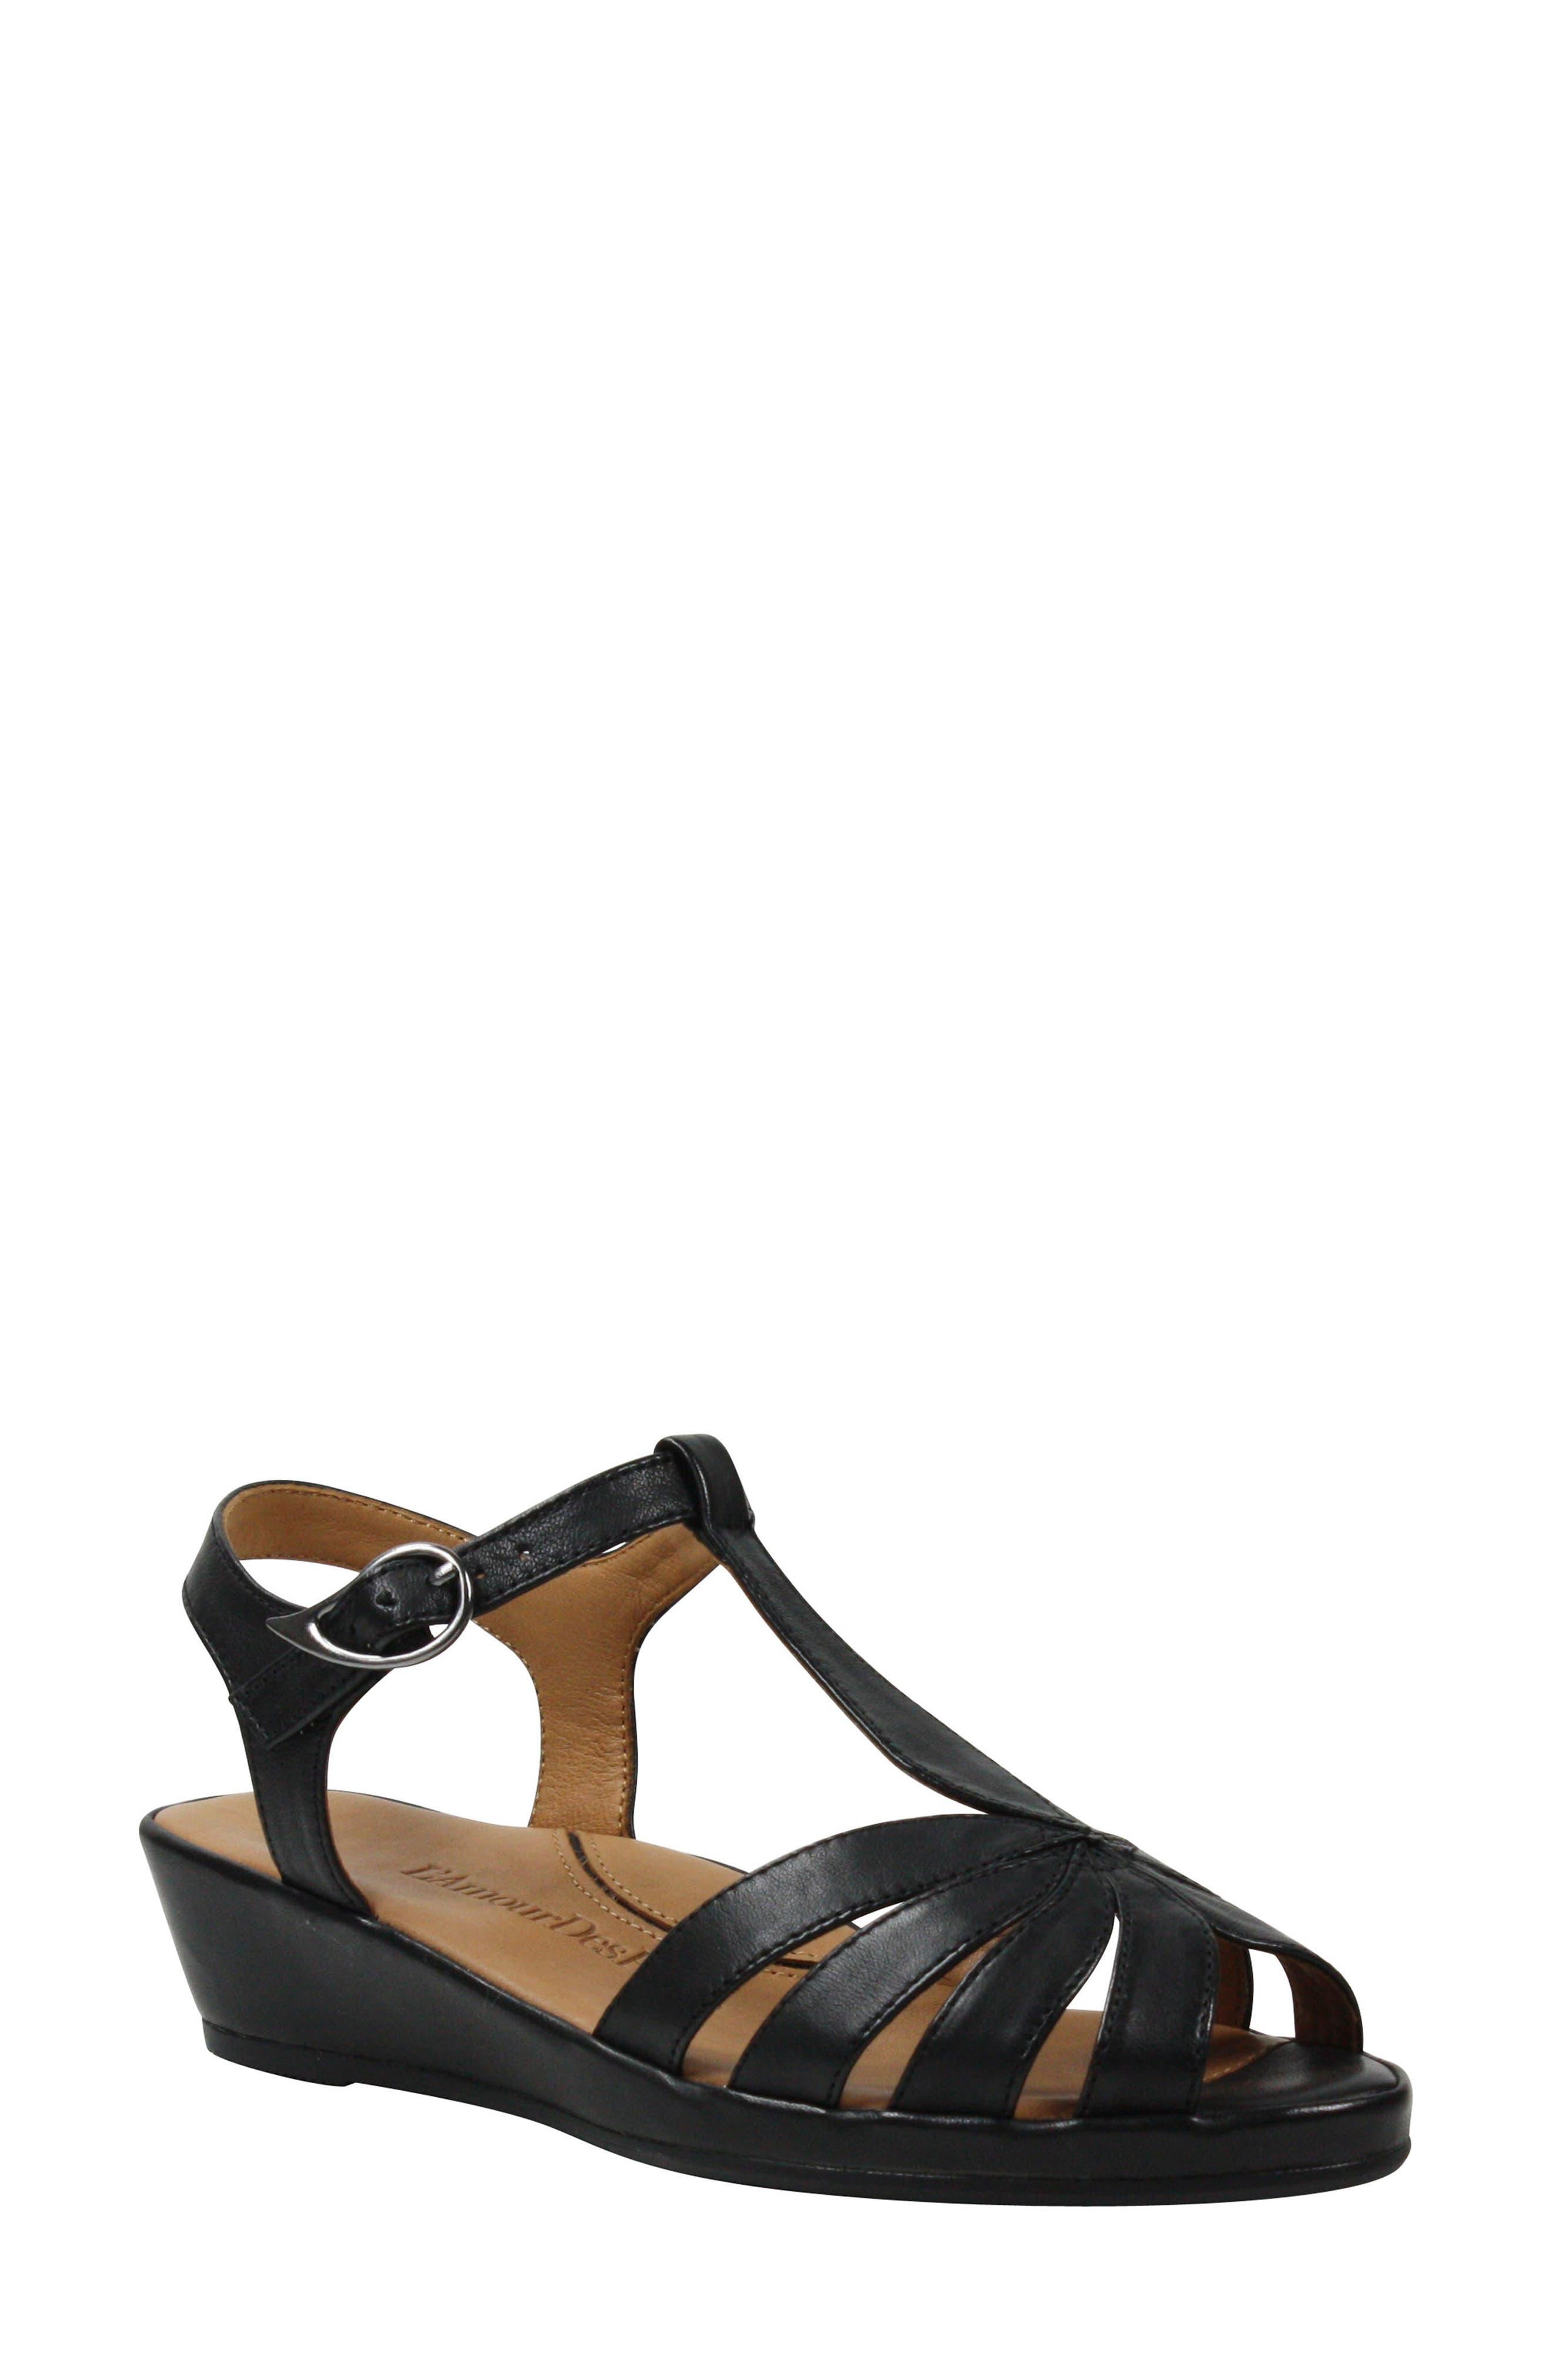 L'AMOUR DES PIEDS, Boquin Sandal, Main thumbnail 1, color, BLACK LEATHER